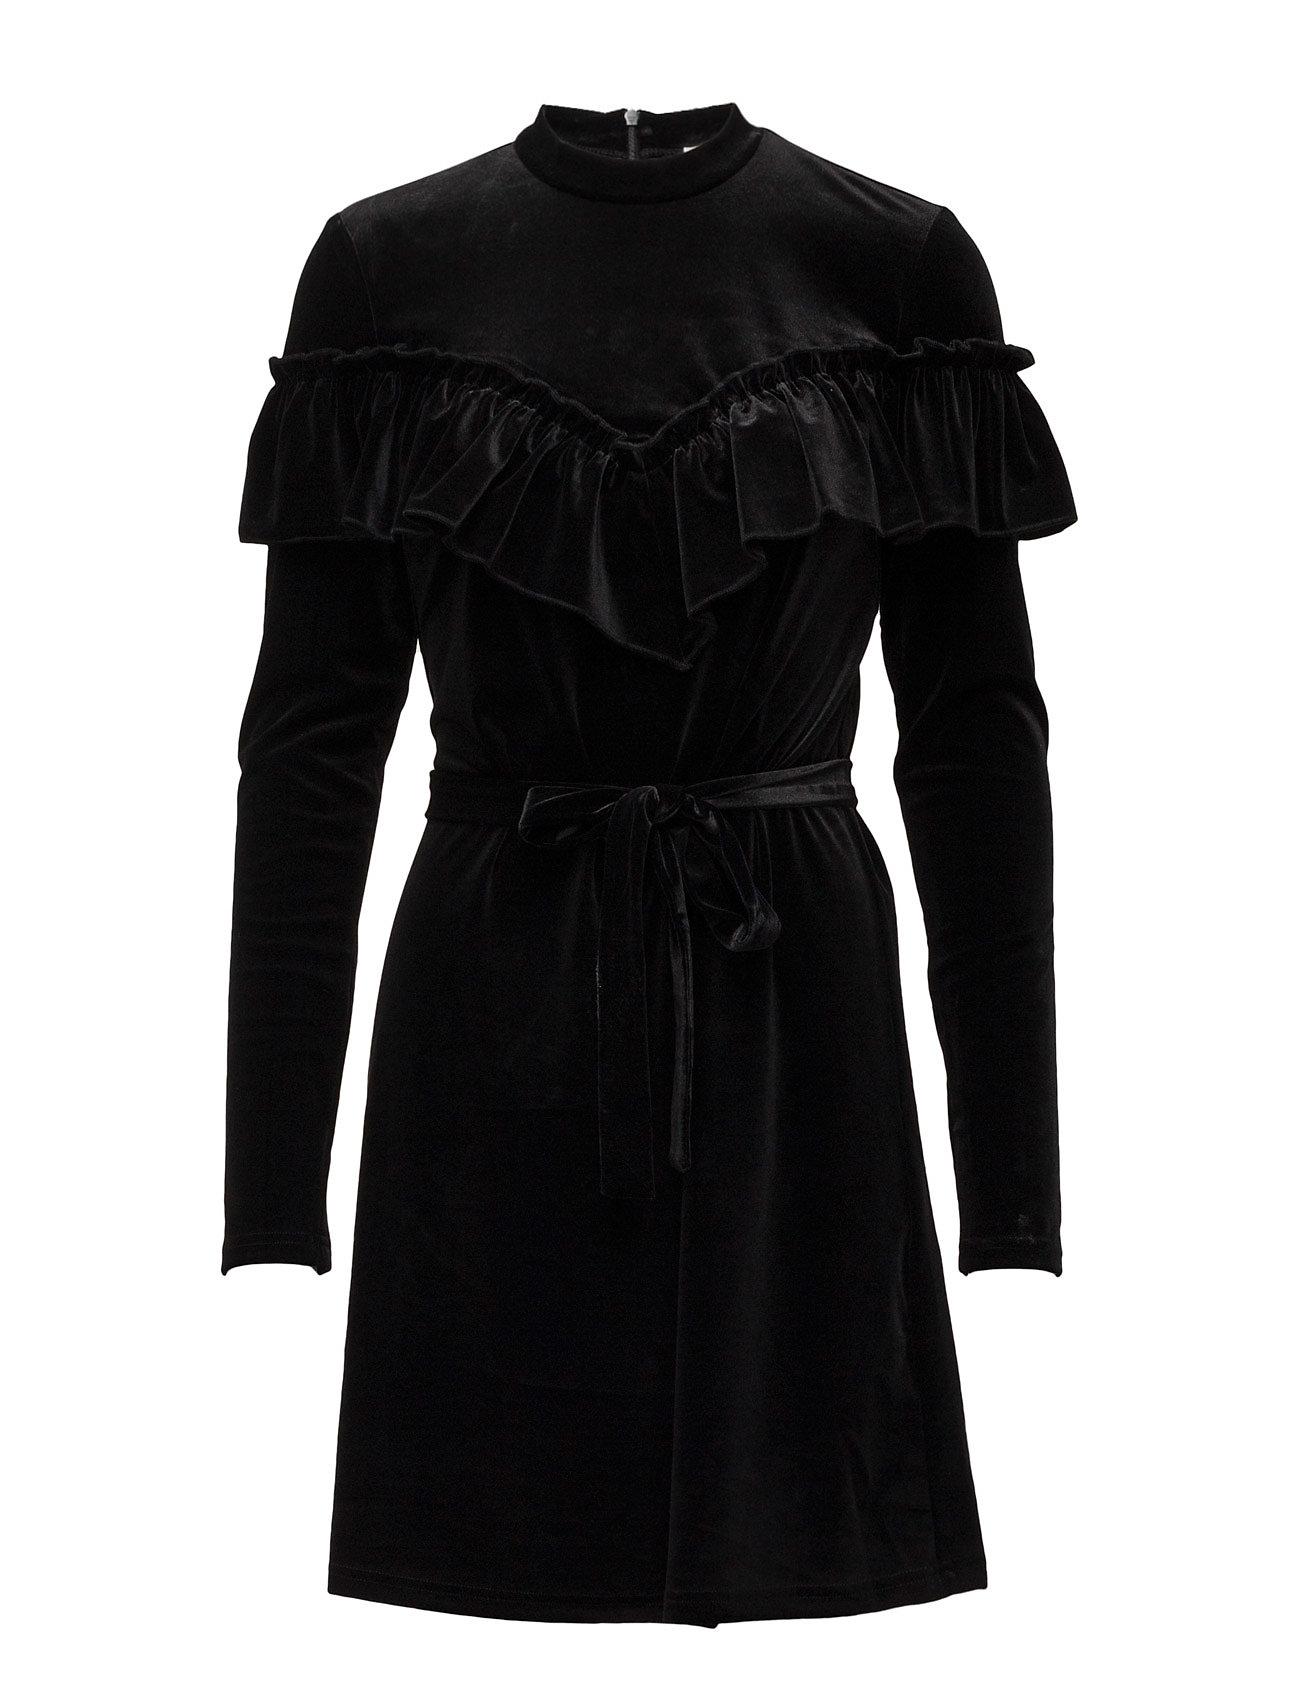 Gestuz Locklyn dress MA17